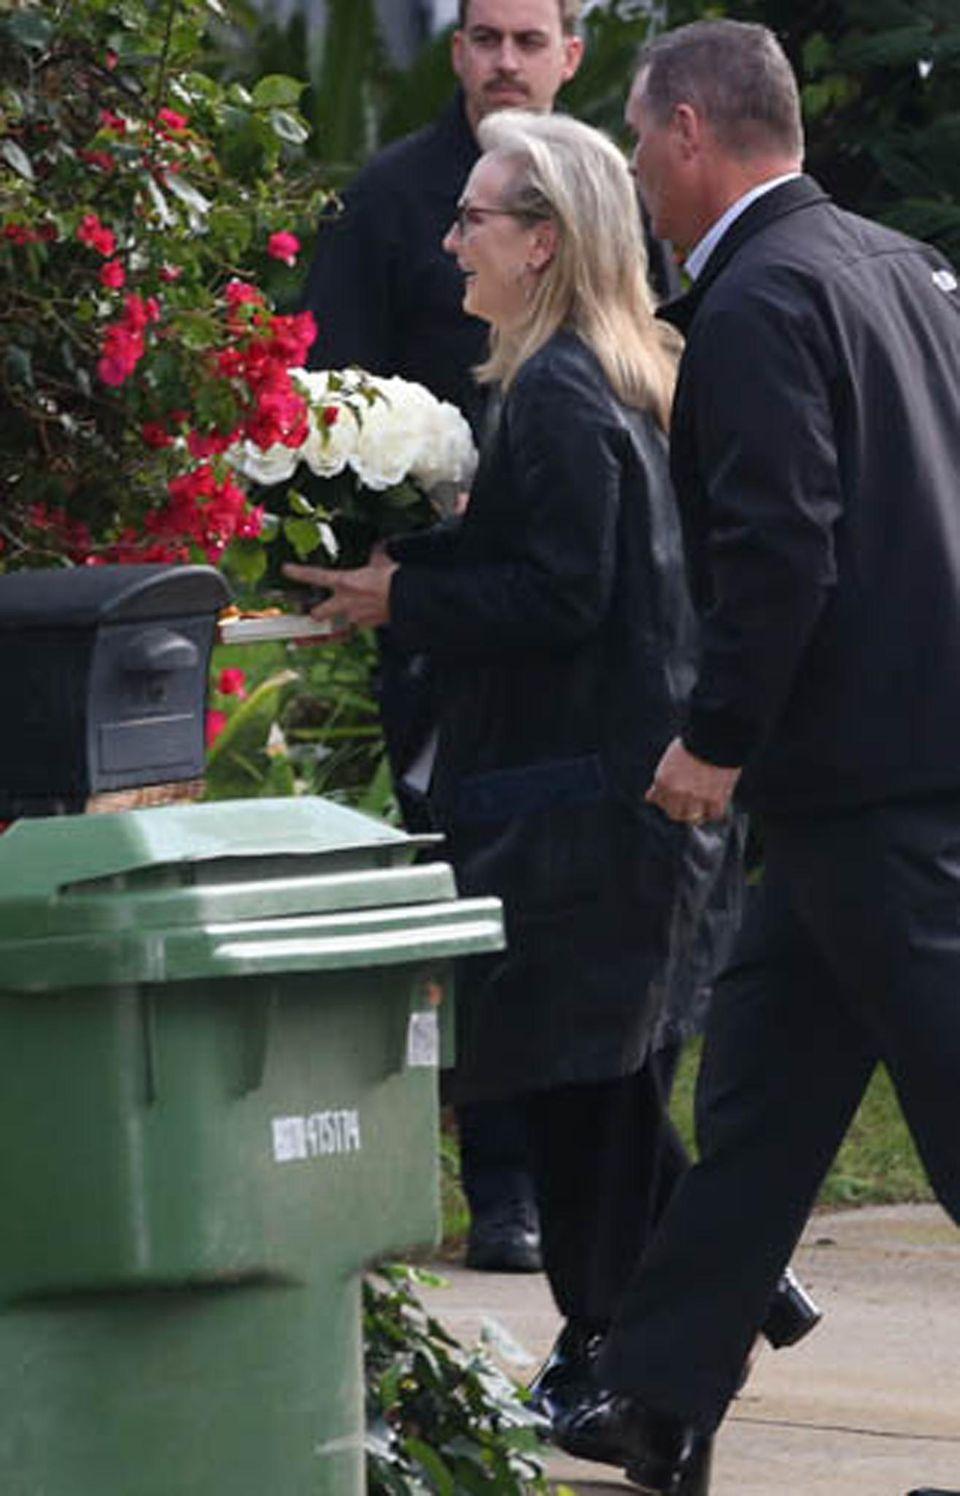 """Freud und Leid lagen bei Meryl Streep nah beieinander. Neben dem Besuch der Gedenkfeier ehrte sie an diesem Tag auch noch ihre Kollegin Viola Davis mit einem Stern auf dem """"Walk Of Fame""""."""